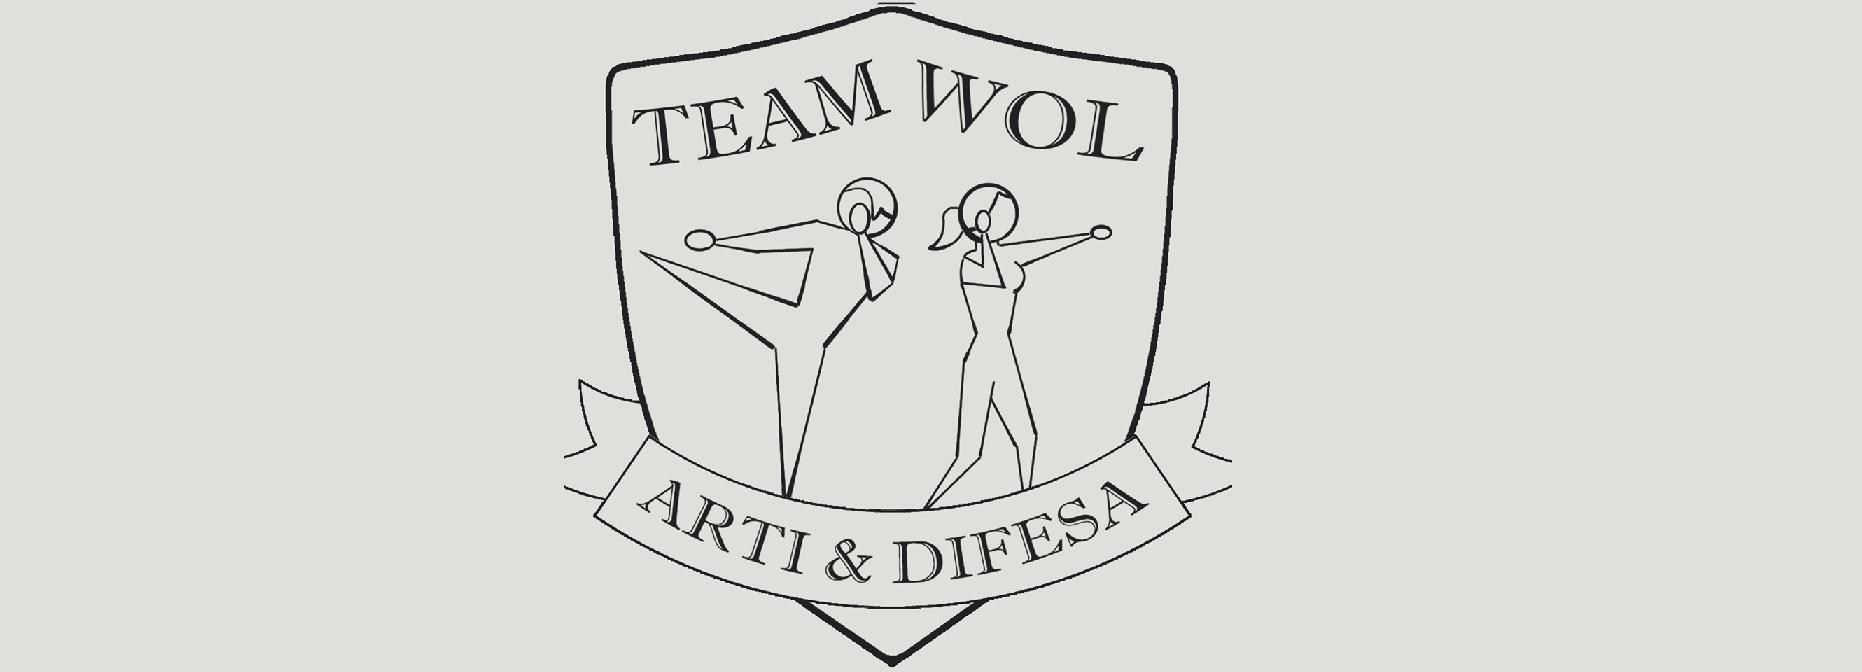 Associazione Team Wol ASD Arti e Difesa - logo